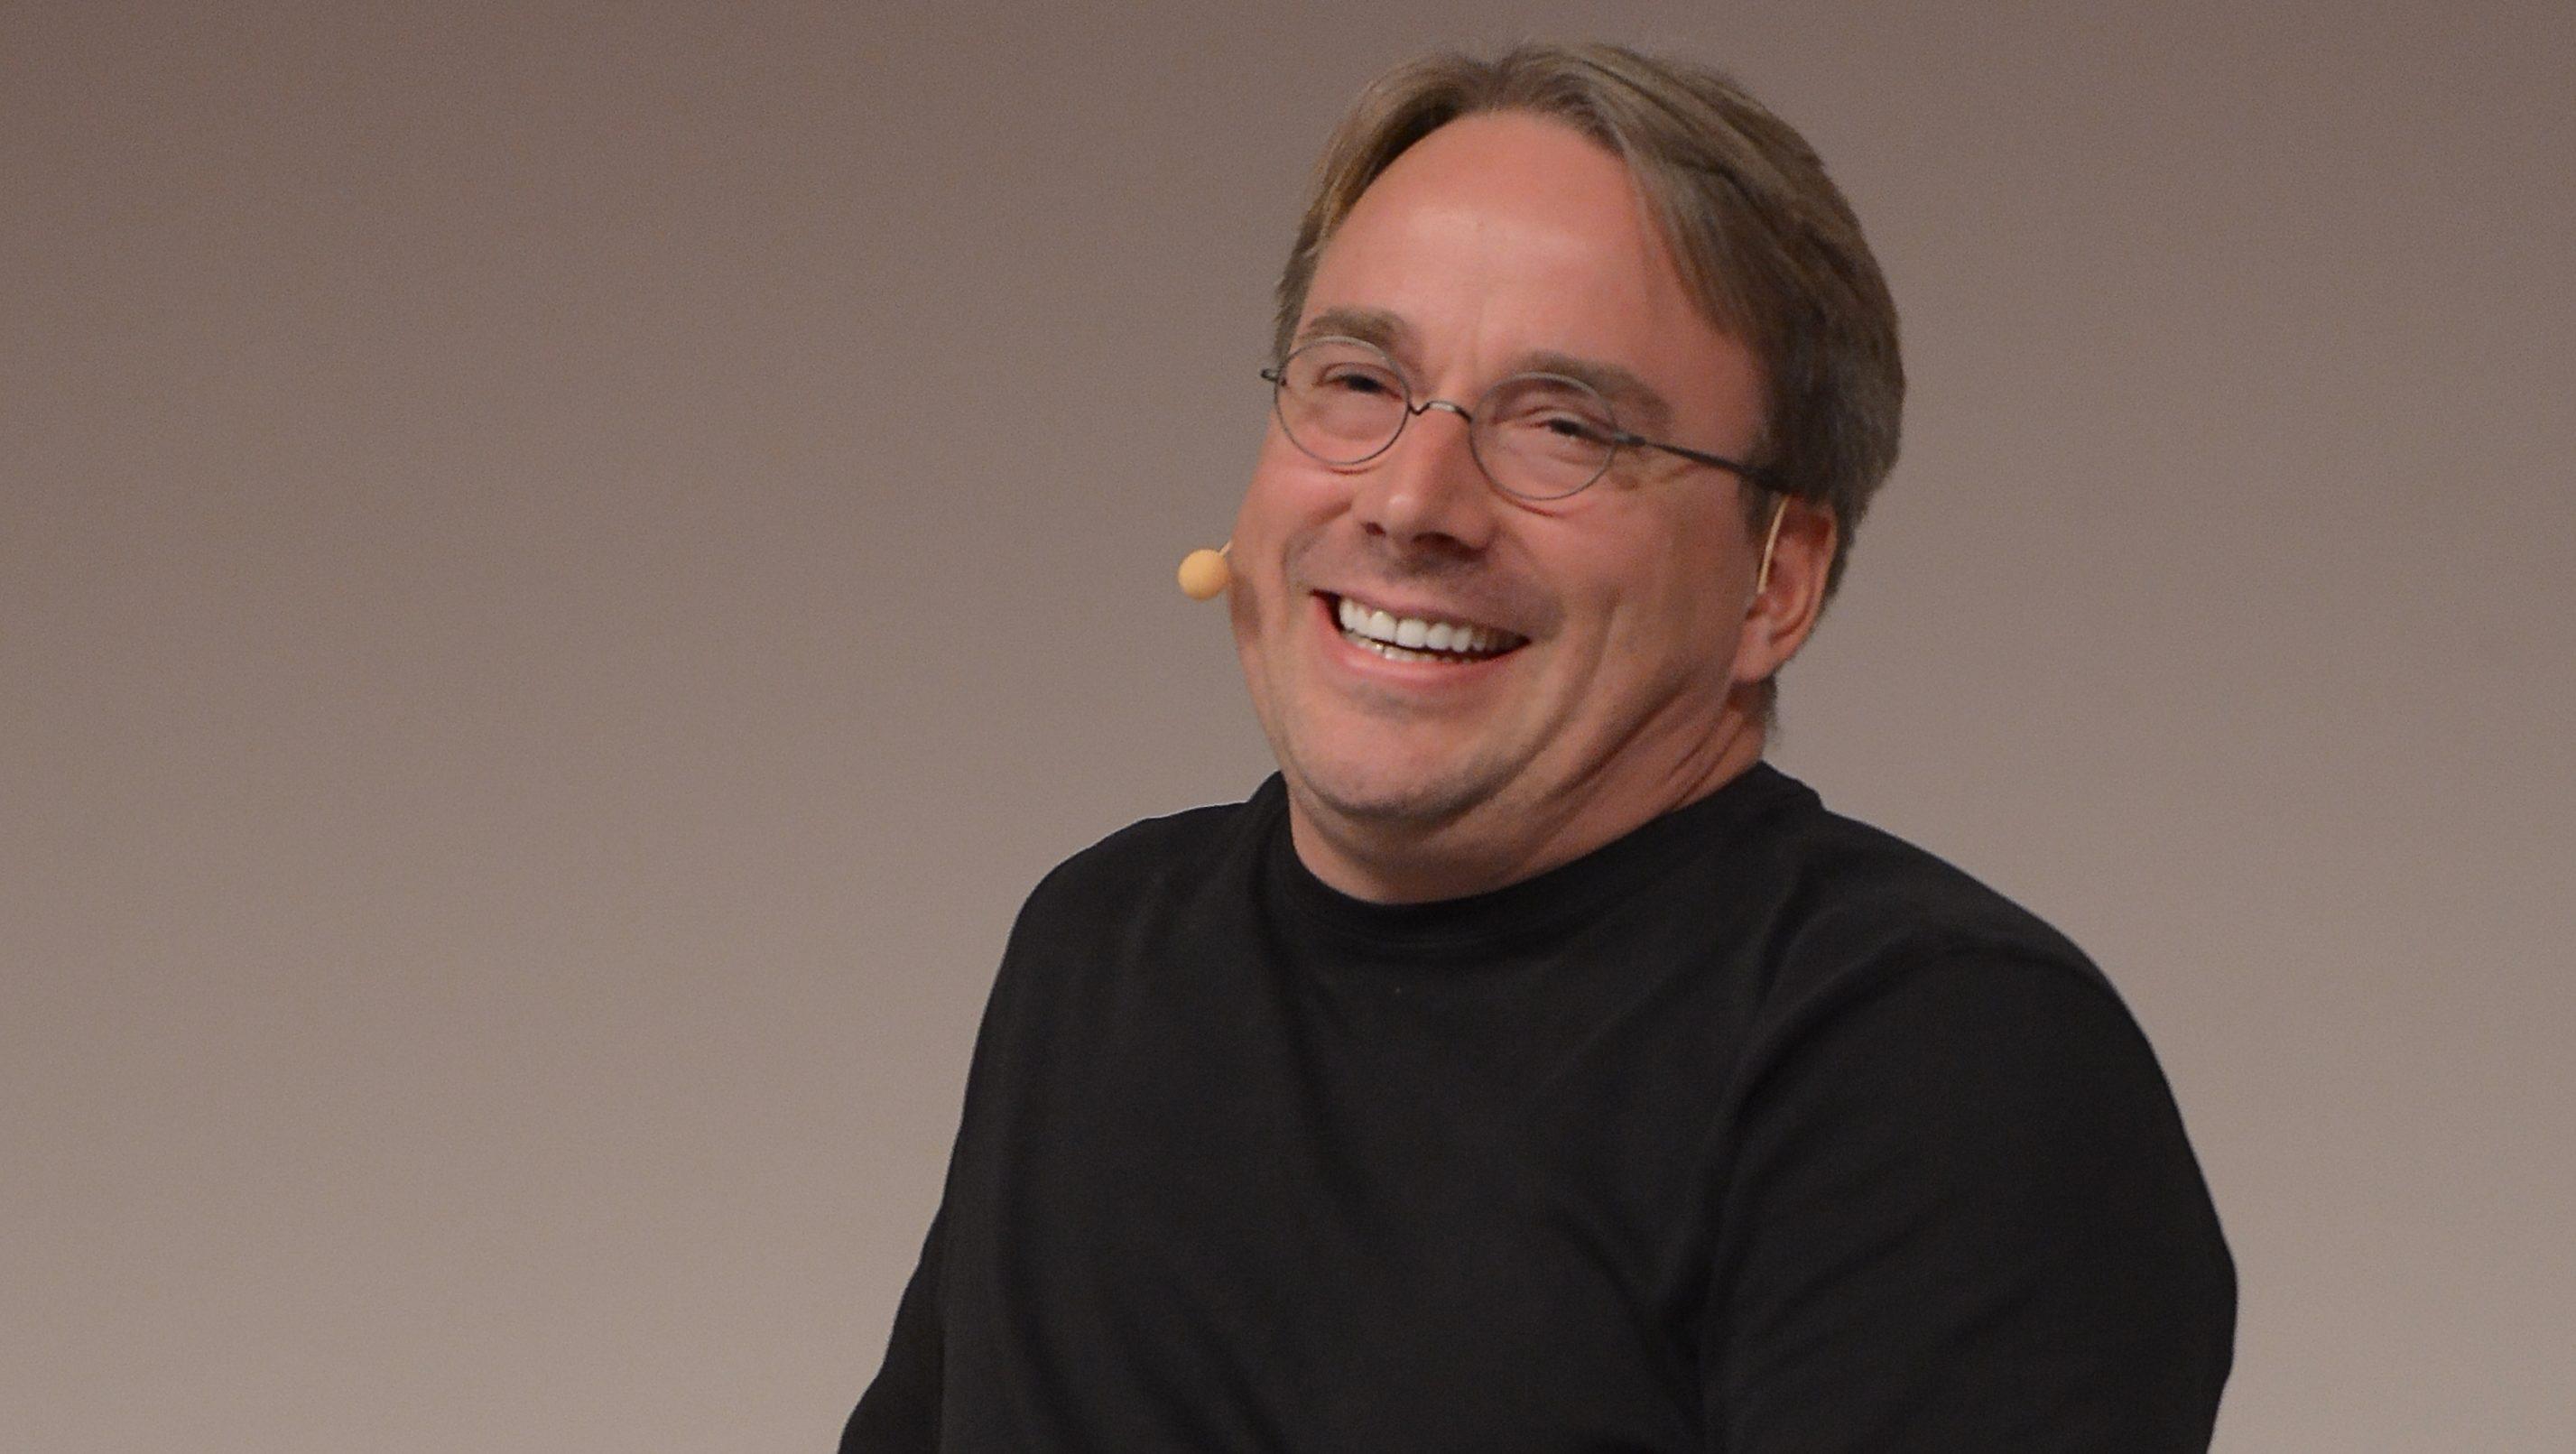 Linus hater sosiale medier: - Du bør være ulovlig å publisere sinnsvake tirader anonymt